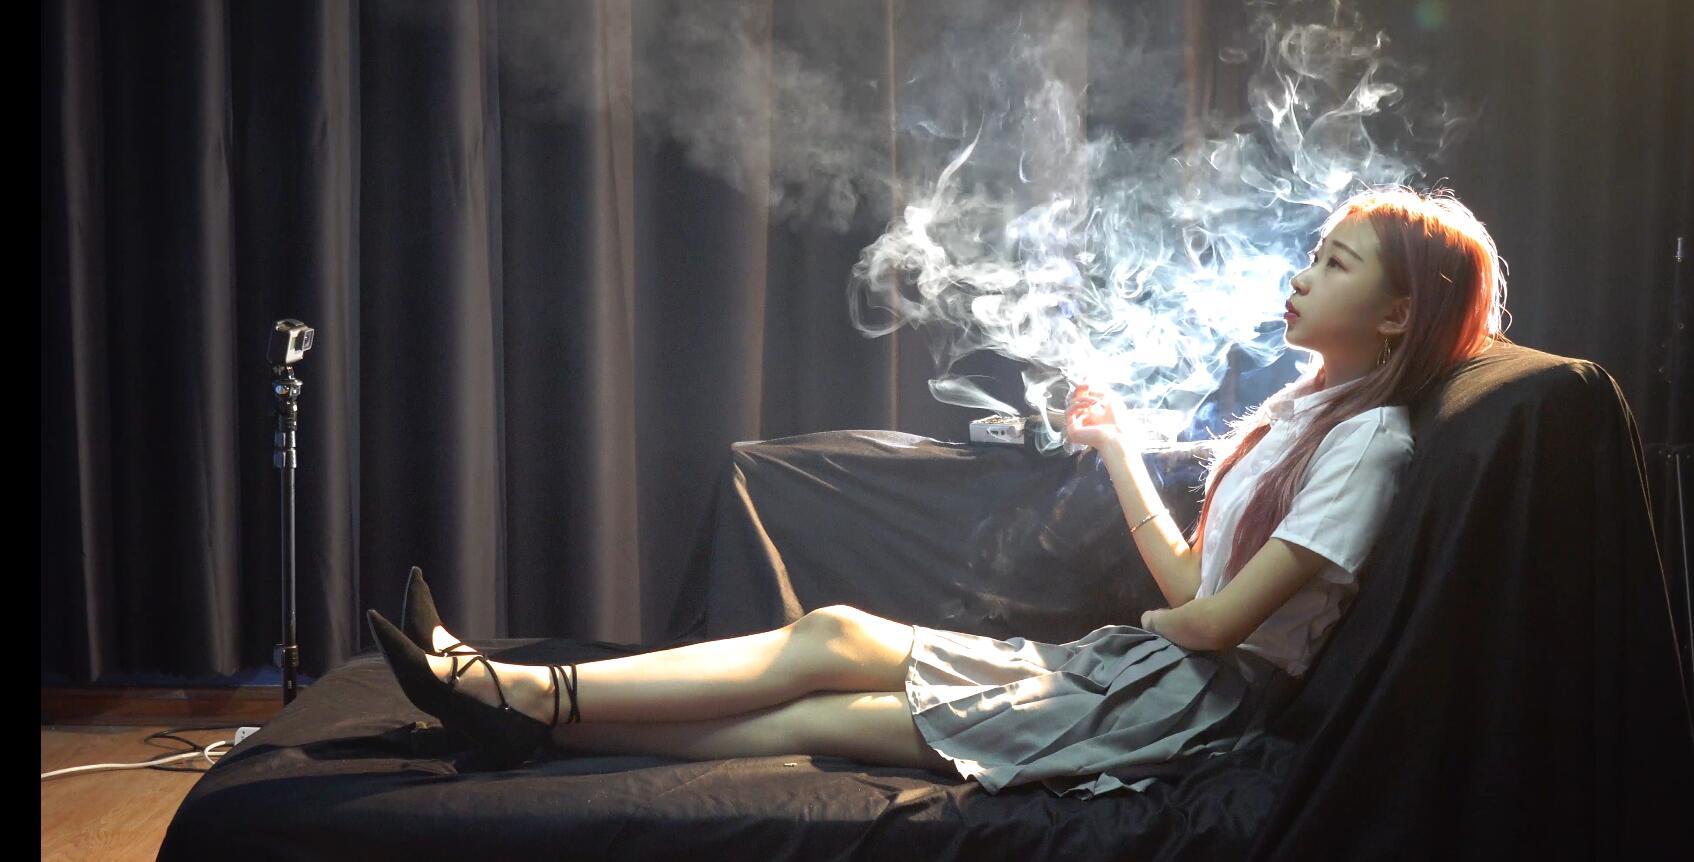 会抽烟的萌妹子。。。[MP4/1.37GB/度盘/GoogleDrive]